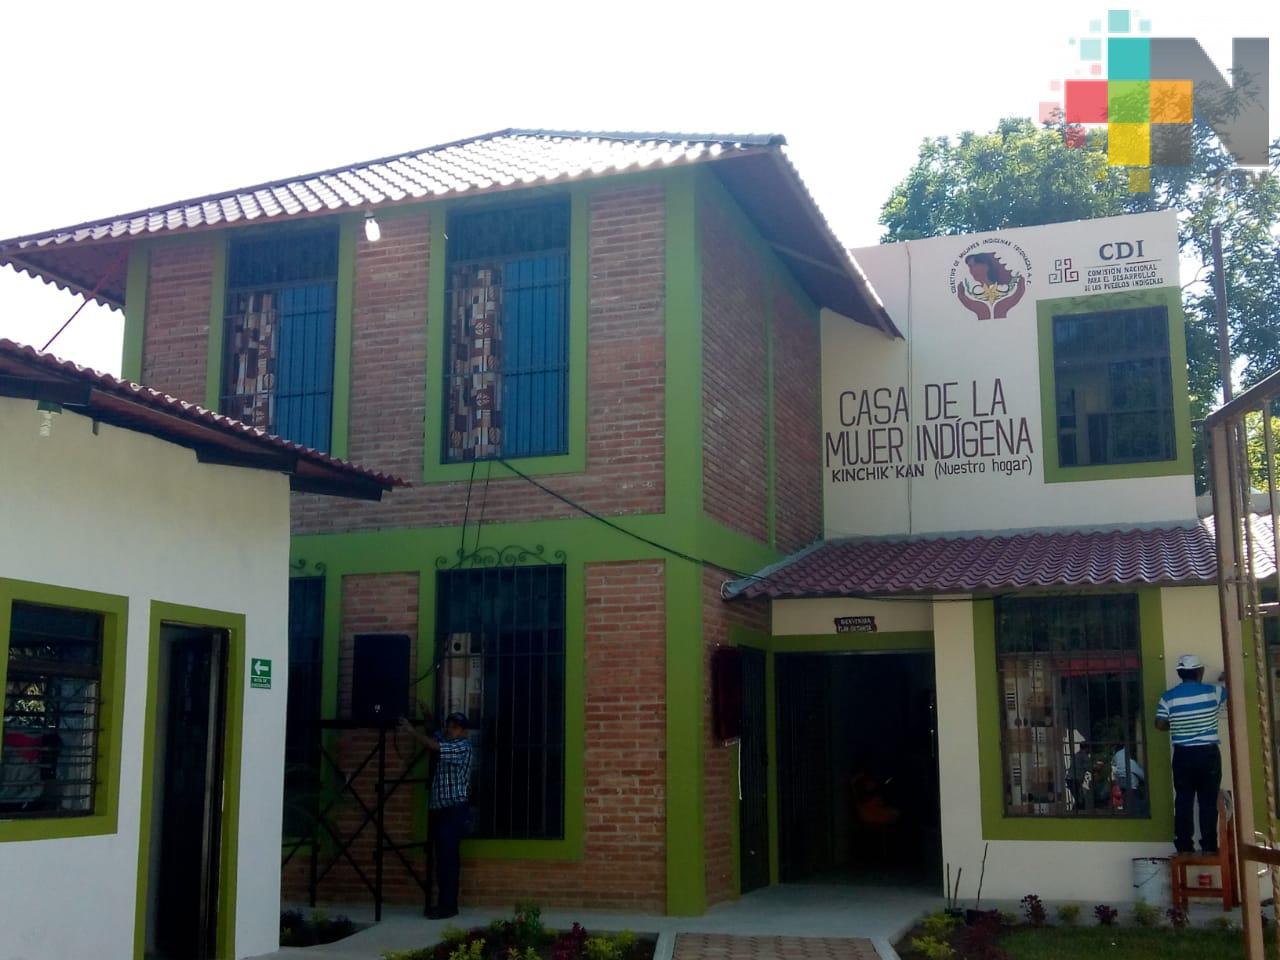 Casa de la Mujer Indígena en Papantla, espacio digno donde podrán promover su cultura y aprender